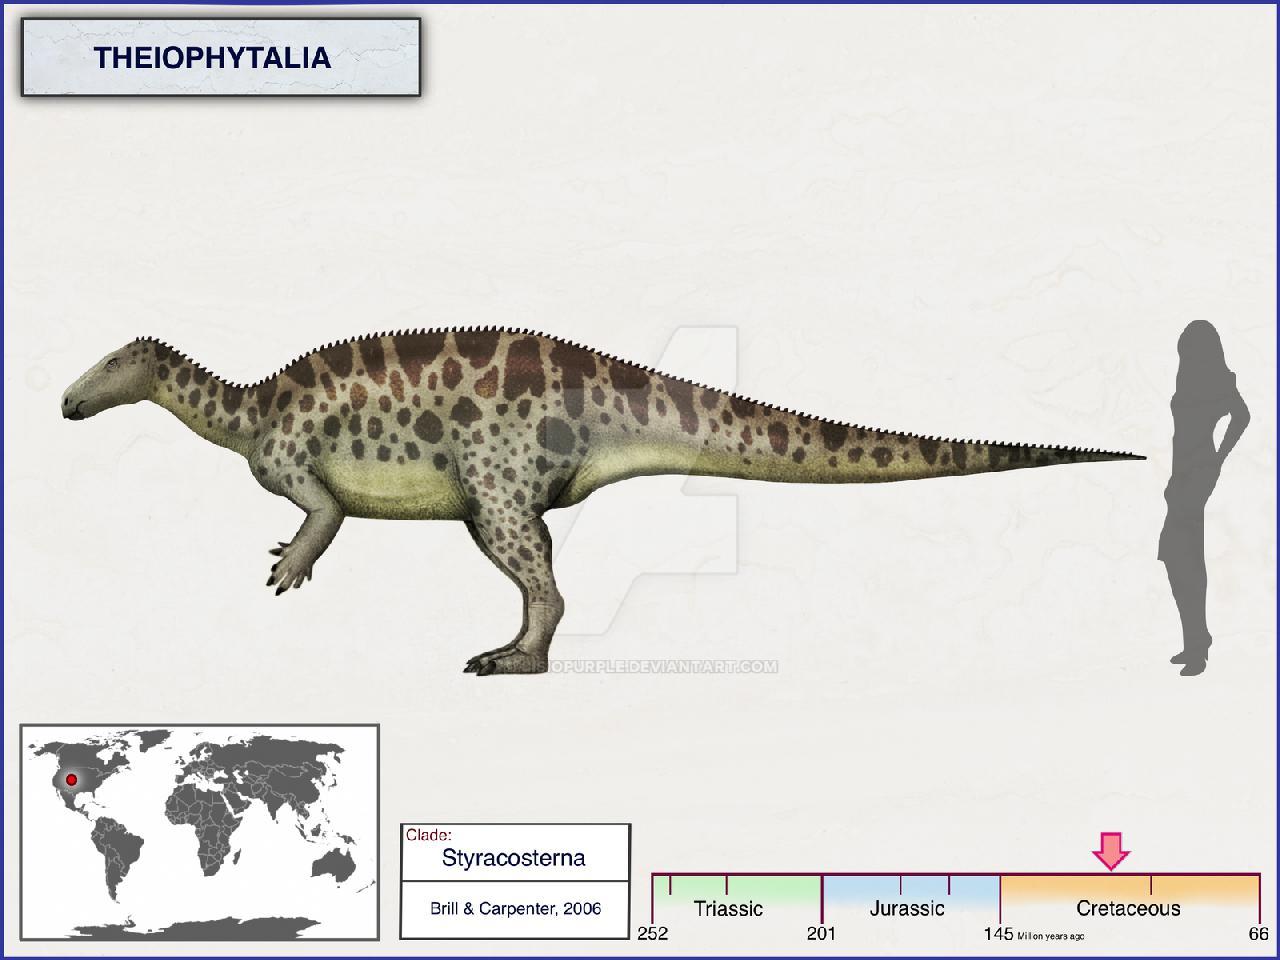 Theiophytalia